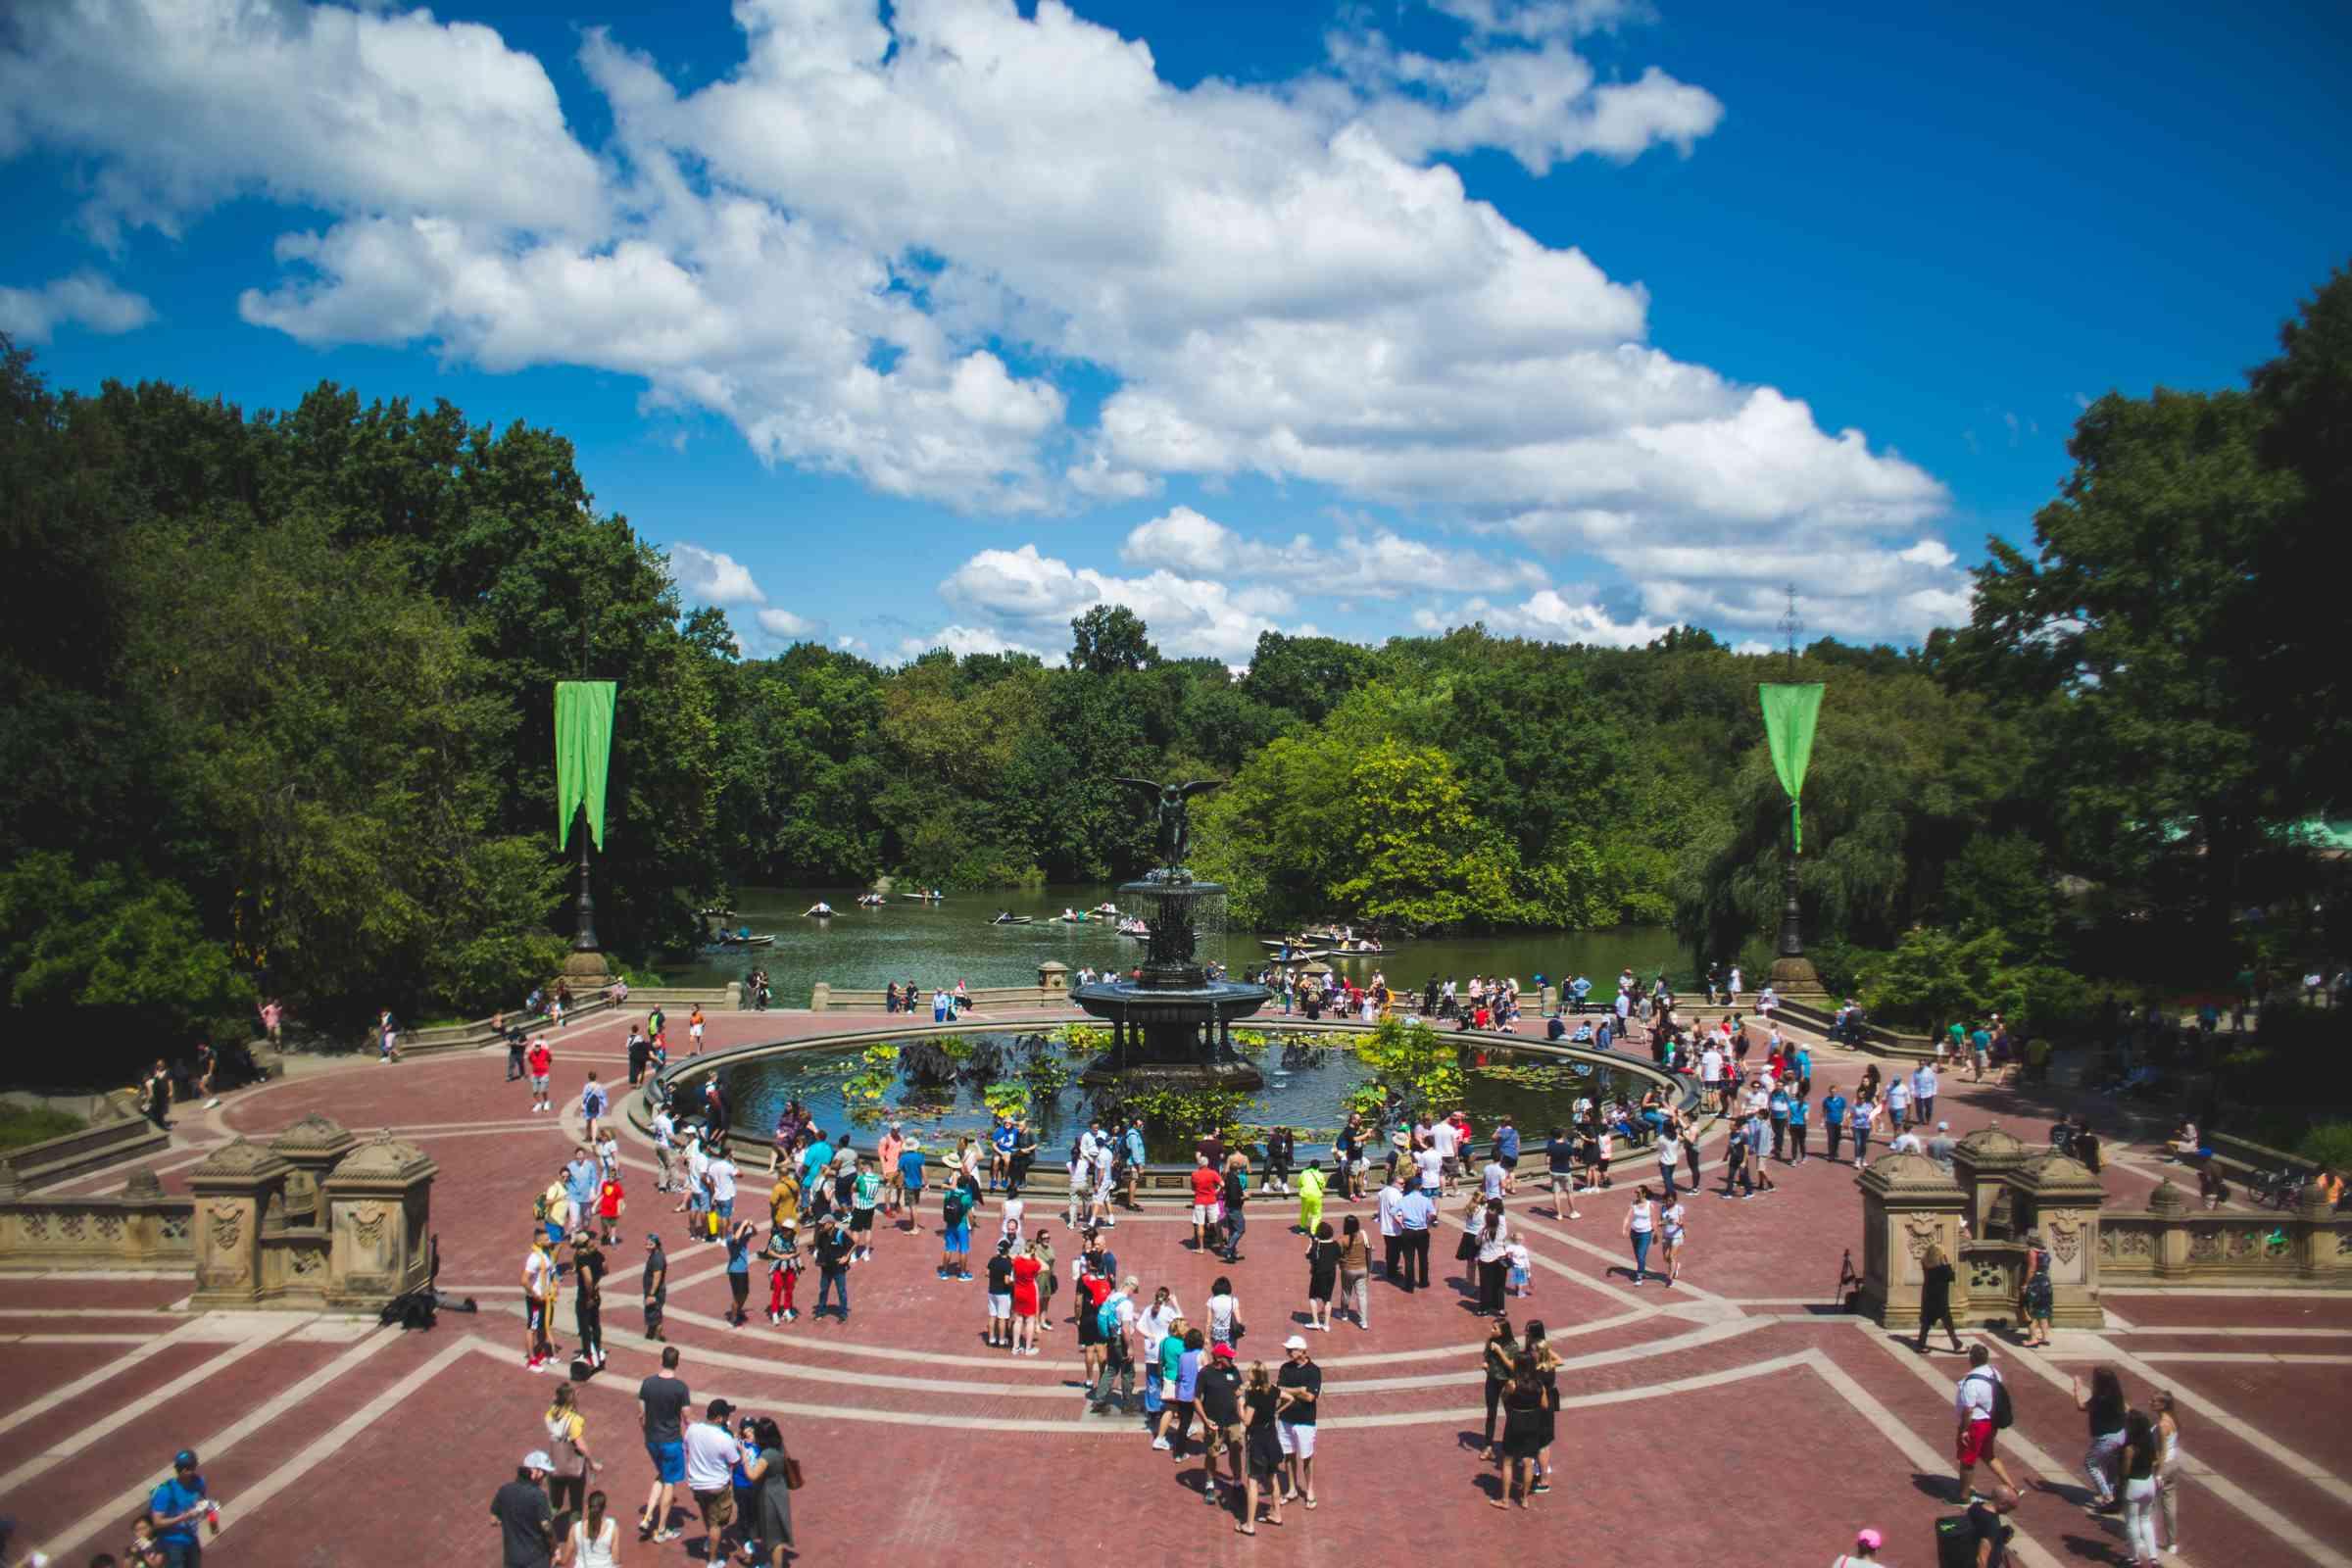 Central Park in New York City, NY